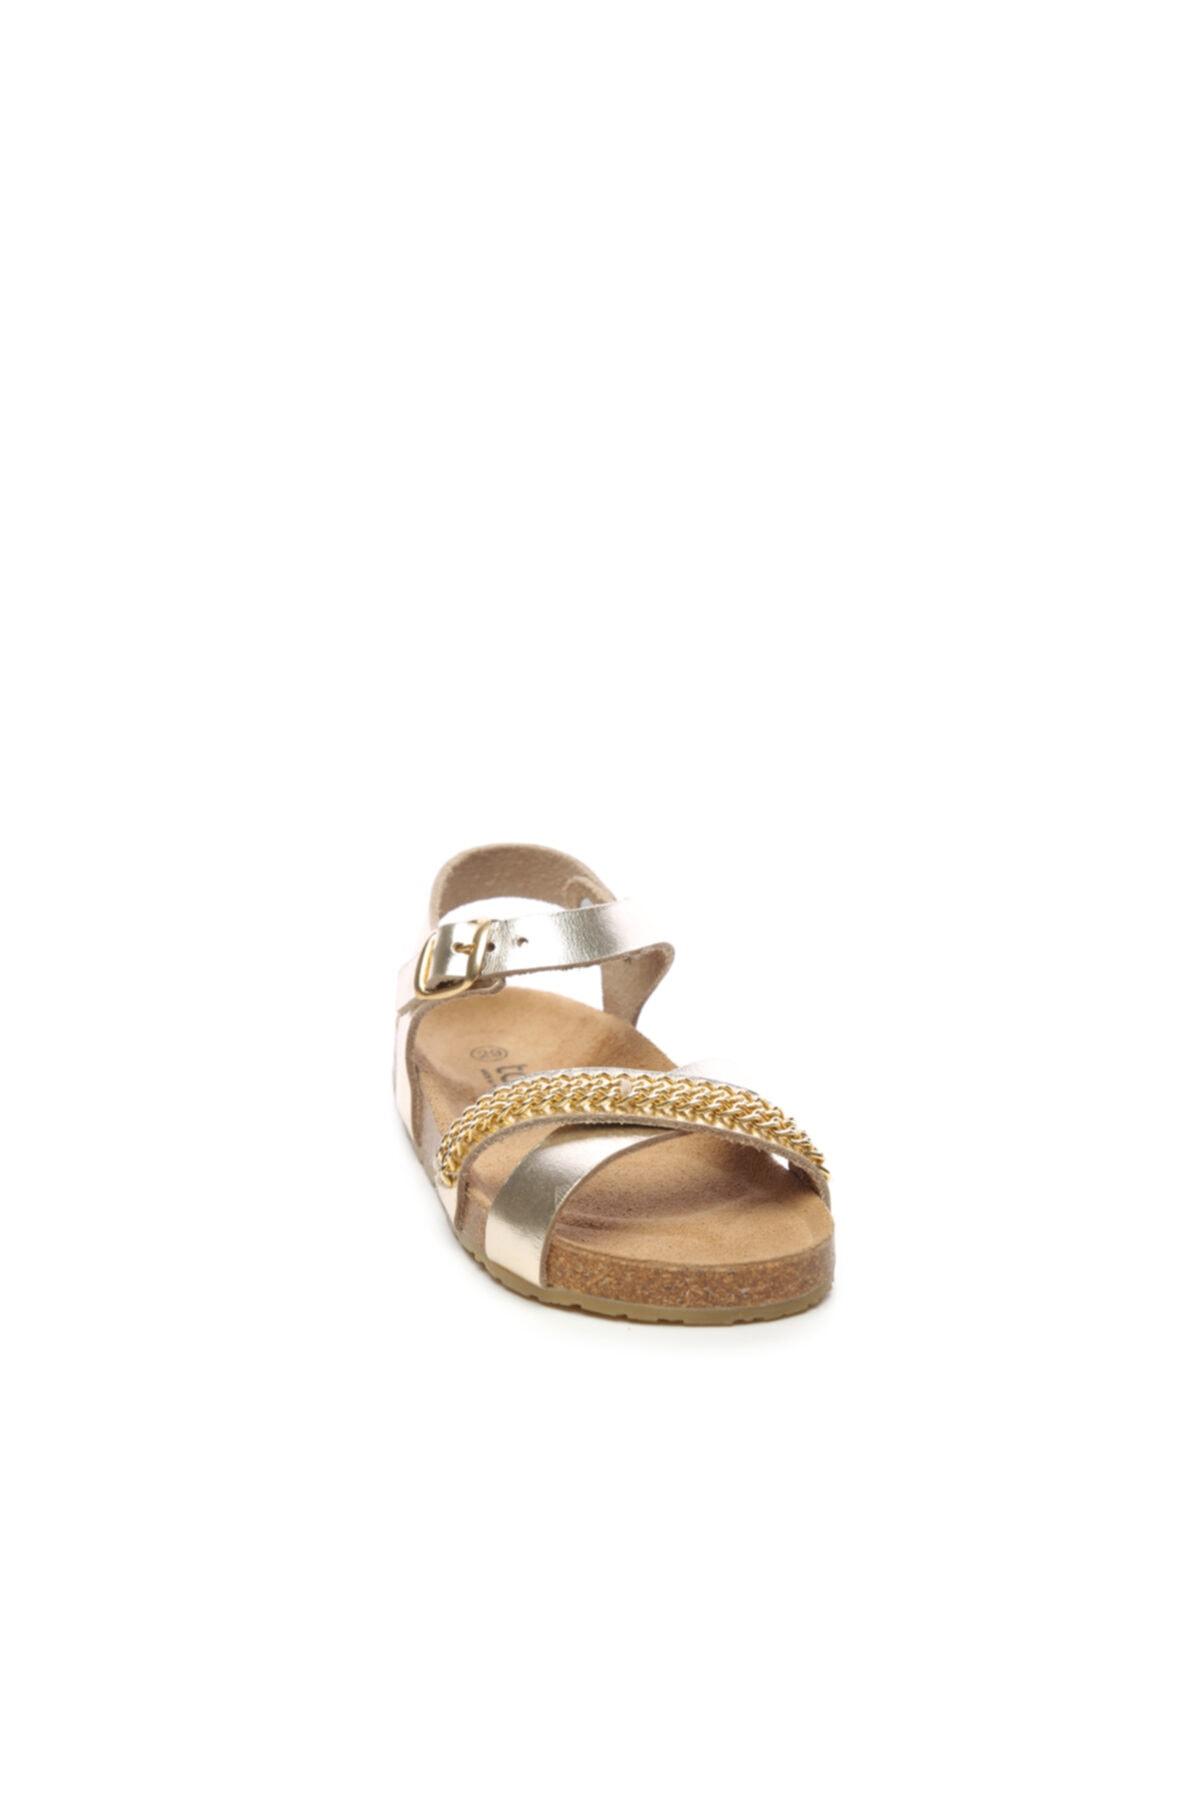 Chili Chılı Çocuk Derı Sandalet Sandalet 104 11529 Kız Sand 20/30 2